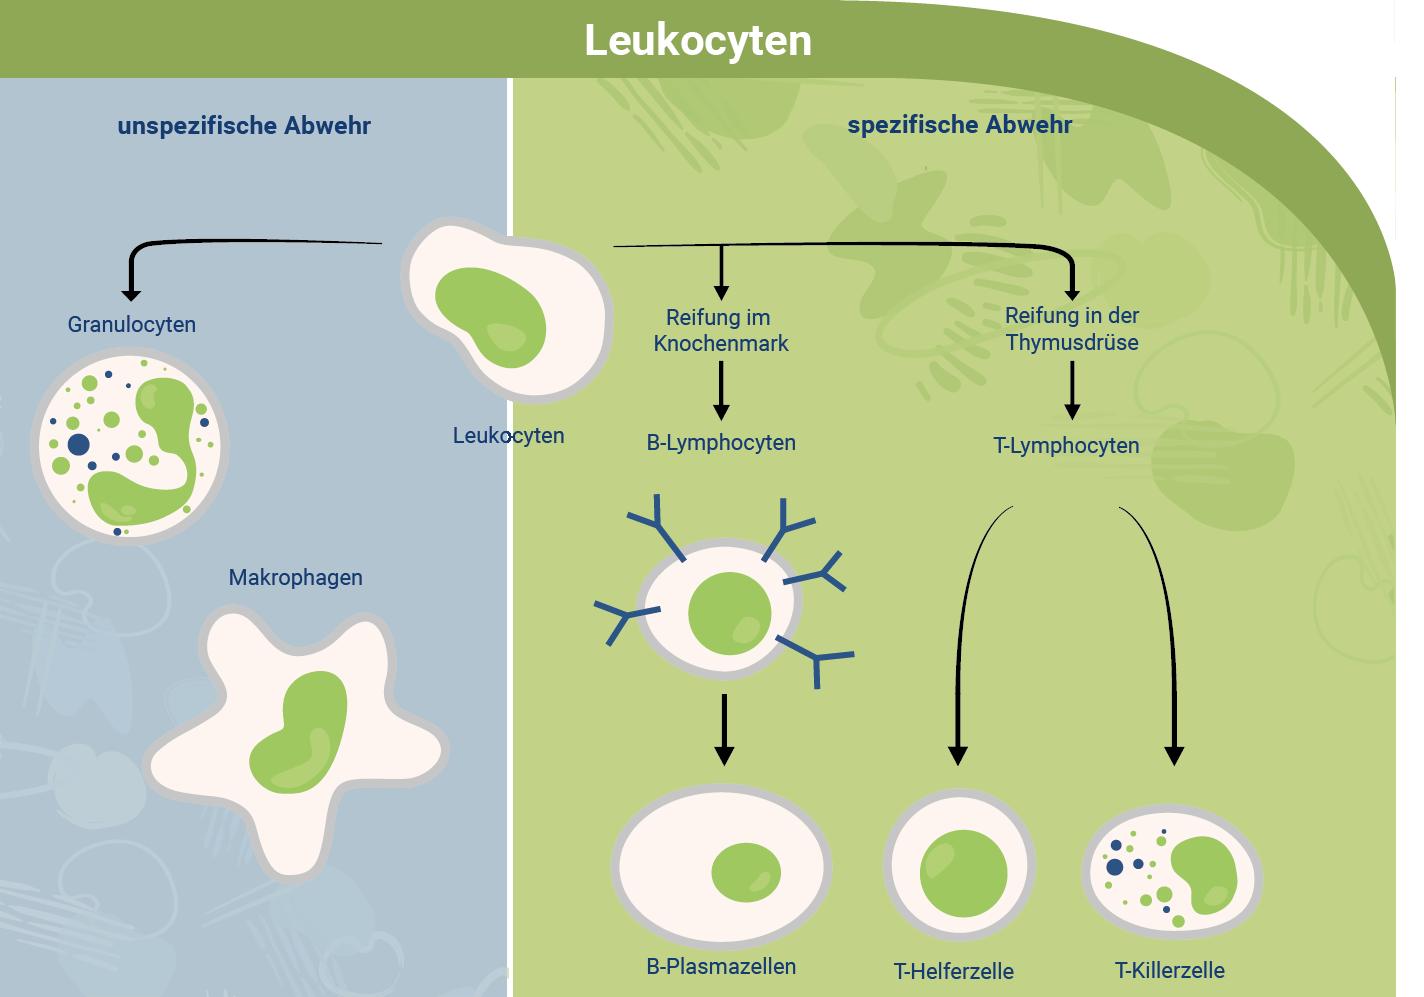 immunabwehr-leukocyten-unspezifische-spezifische-abwehr